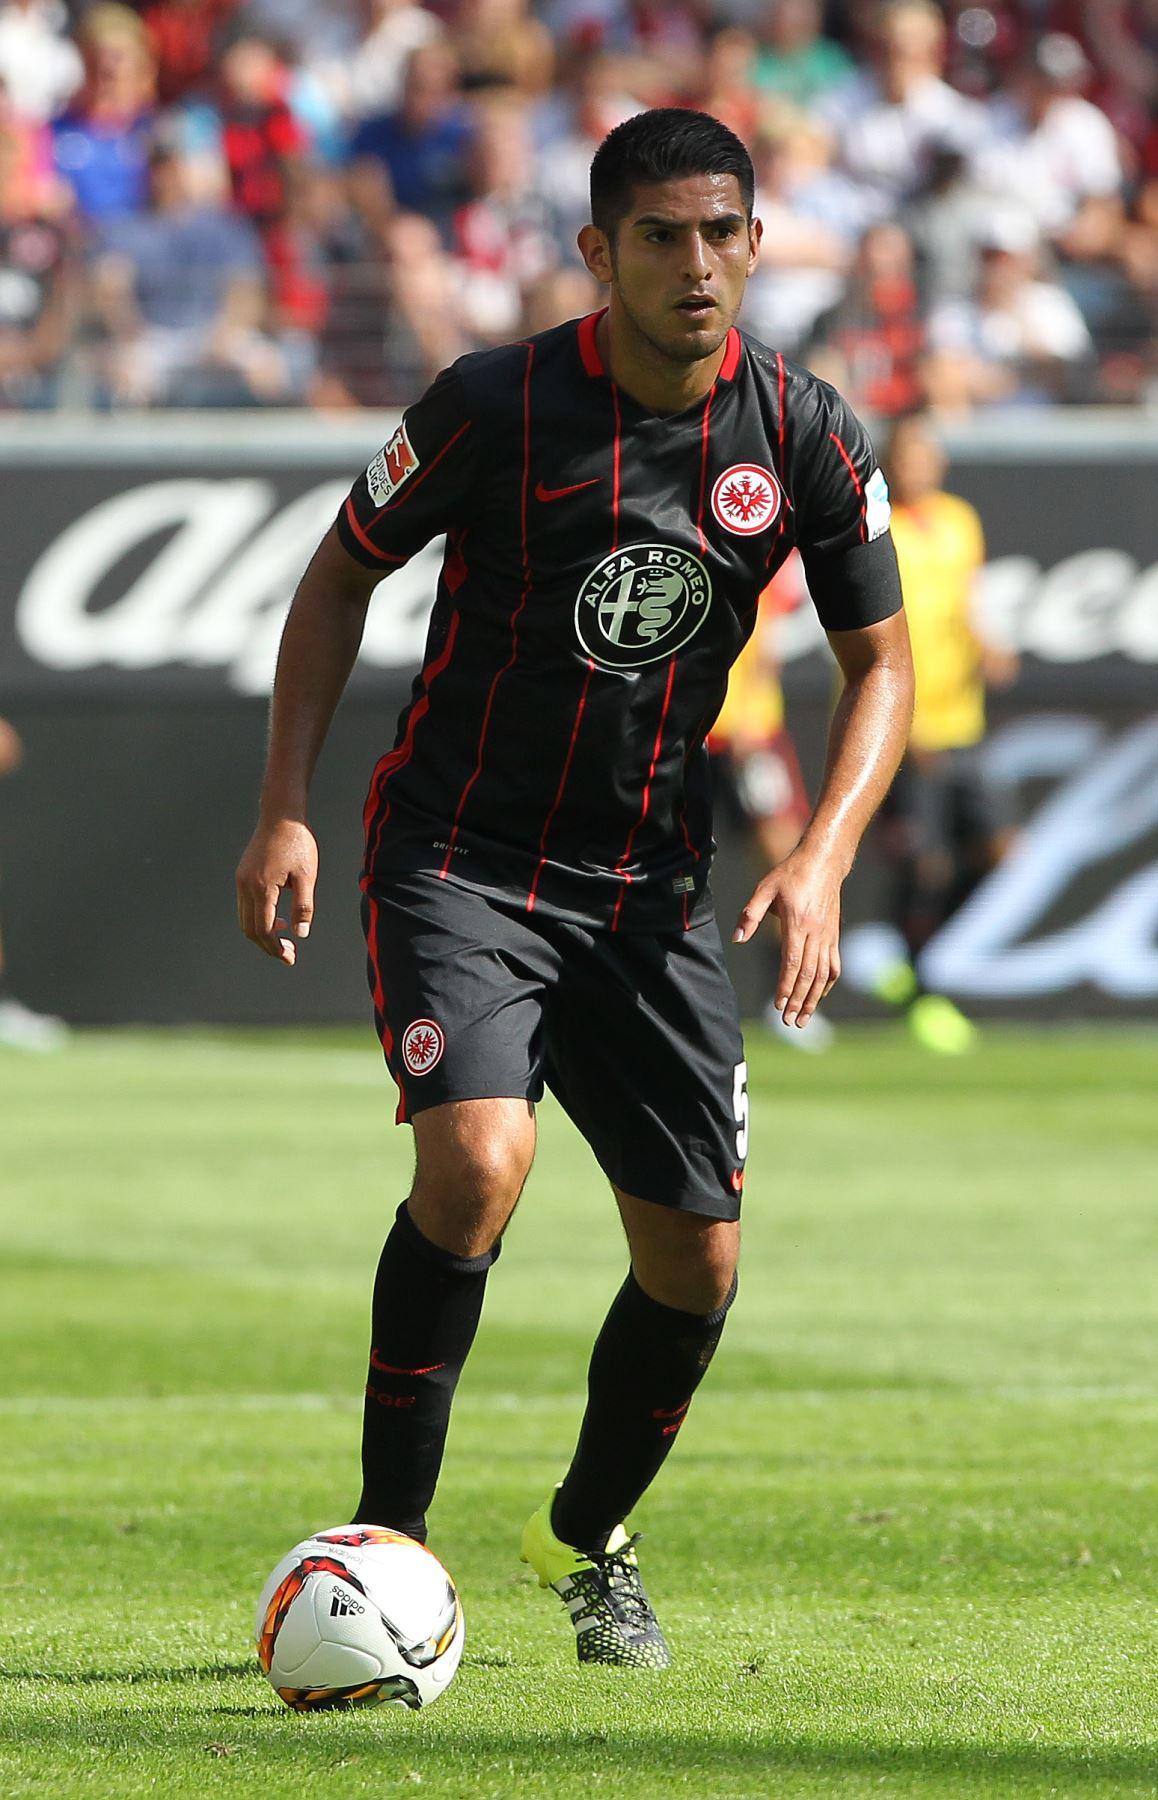 En agosto de 2012, se hace oficial su traspaso al Eintracht Frankfurt de Alemania donde permanecería  hasta junio del  2016. FOTO: Difusión